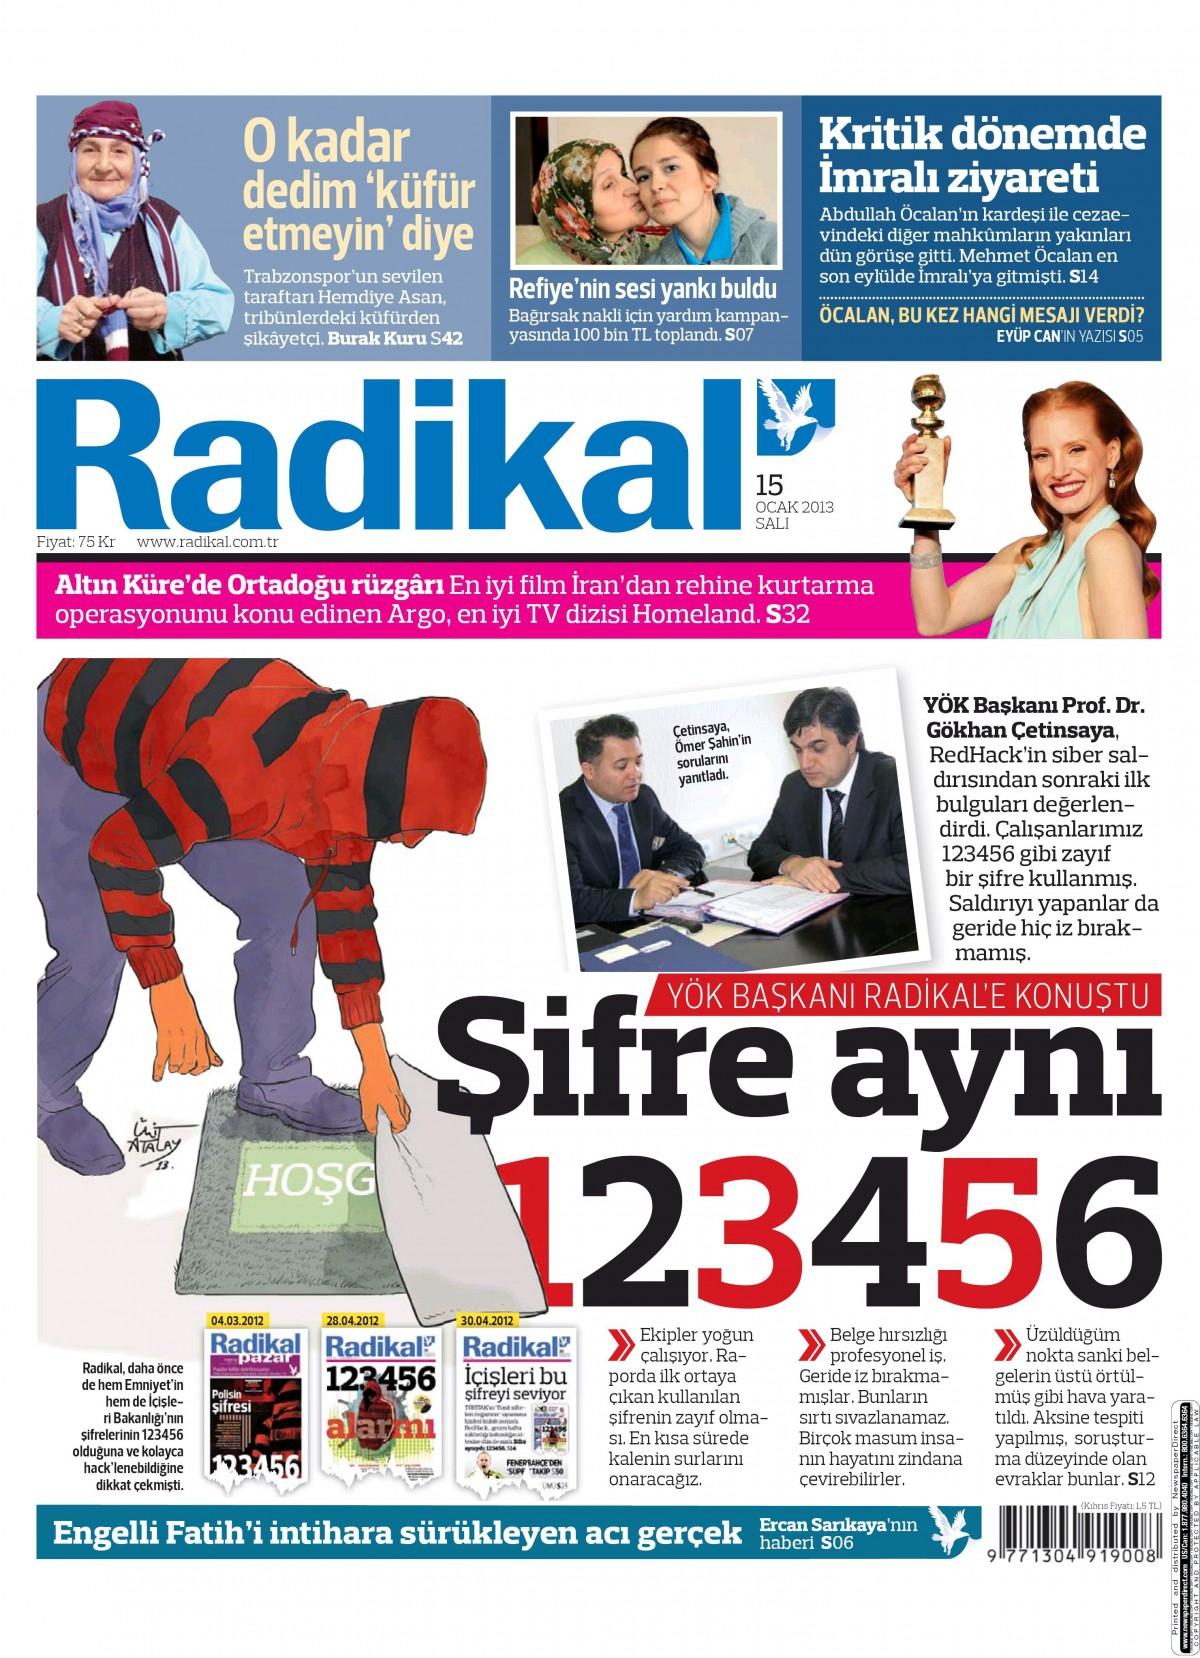 15 Ocak 2013 Tarihli Radikal Gazetesi Sayfa 1